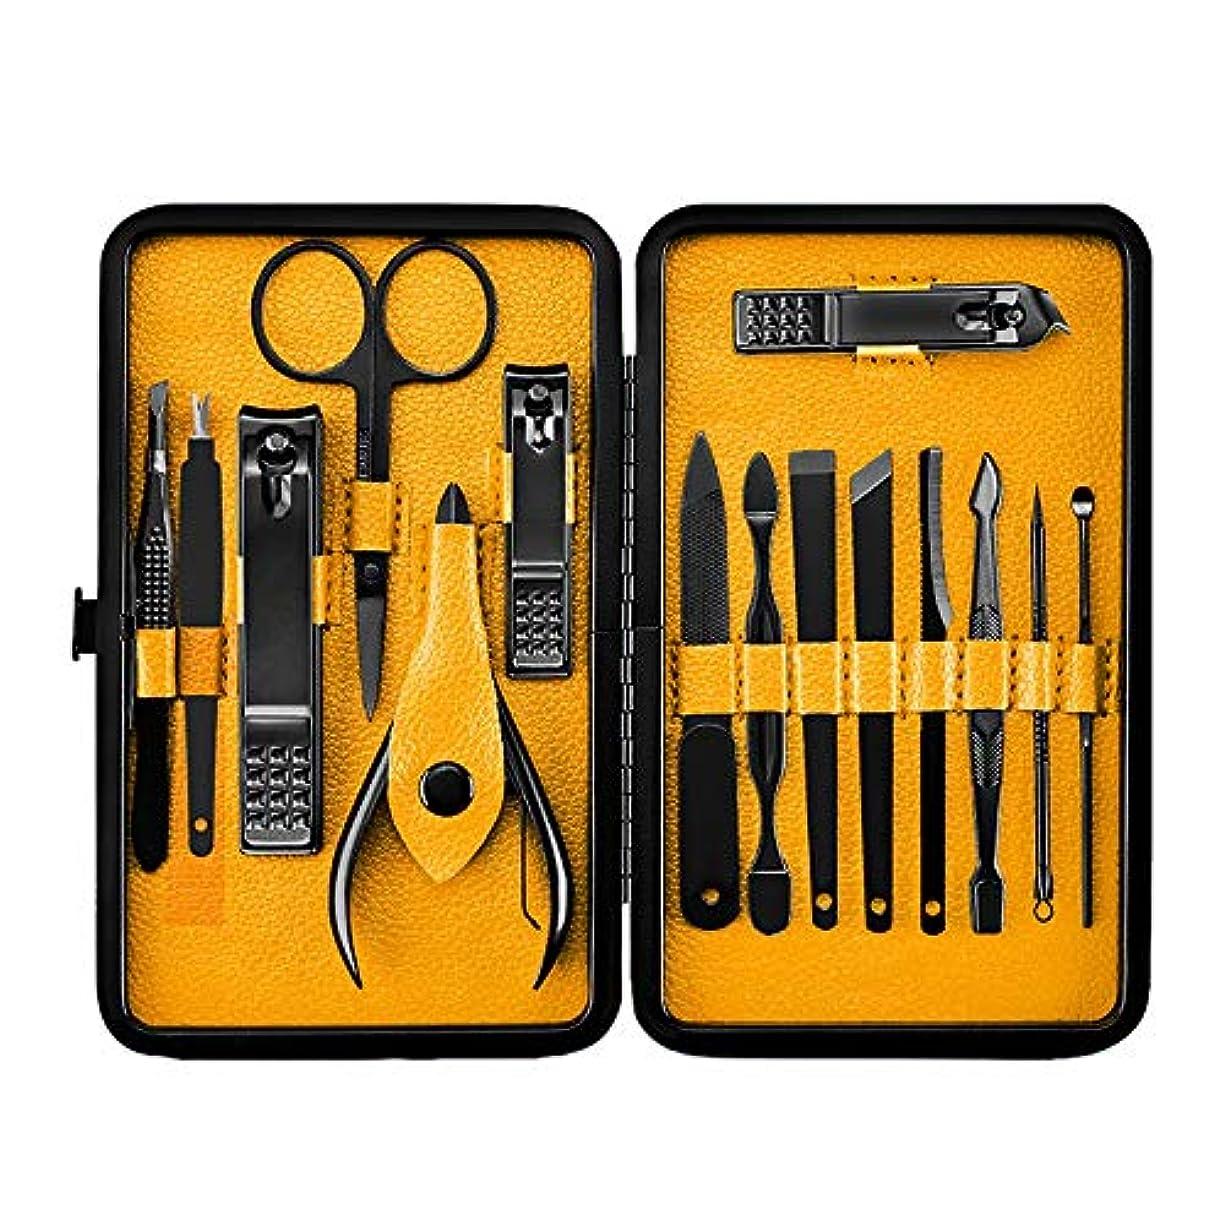 市民類推濃度RETYLY 15ピース、プロフェッショナル、マニキュア、ステンレス鋼製ネイルのクリッパー、爪切り、はさみのセット、キット、マニキュアのセット、ネイルのツール、ネイルアートのツール